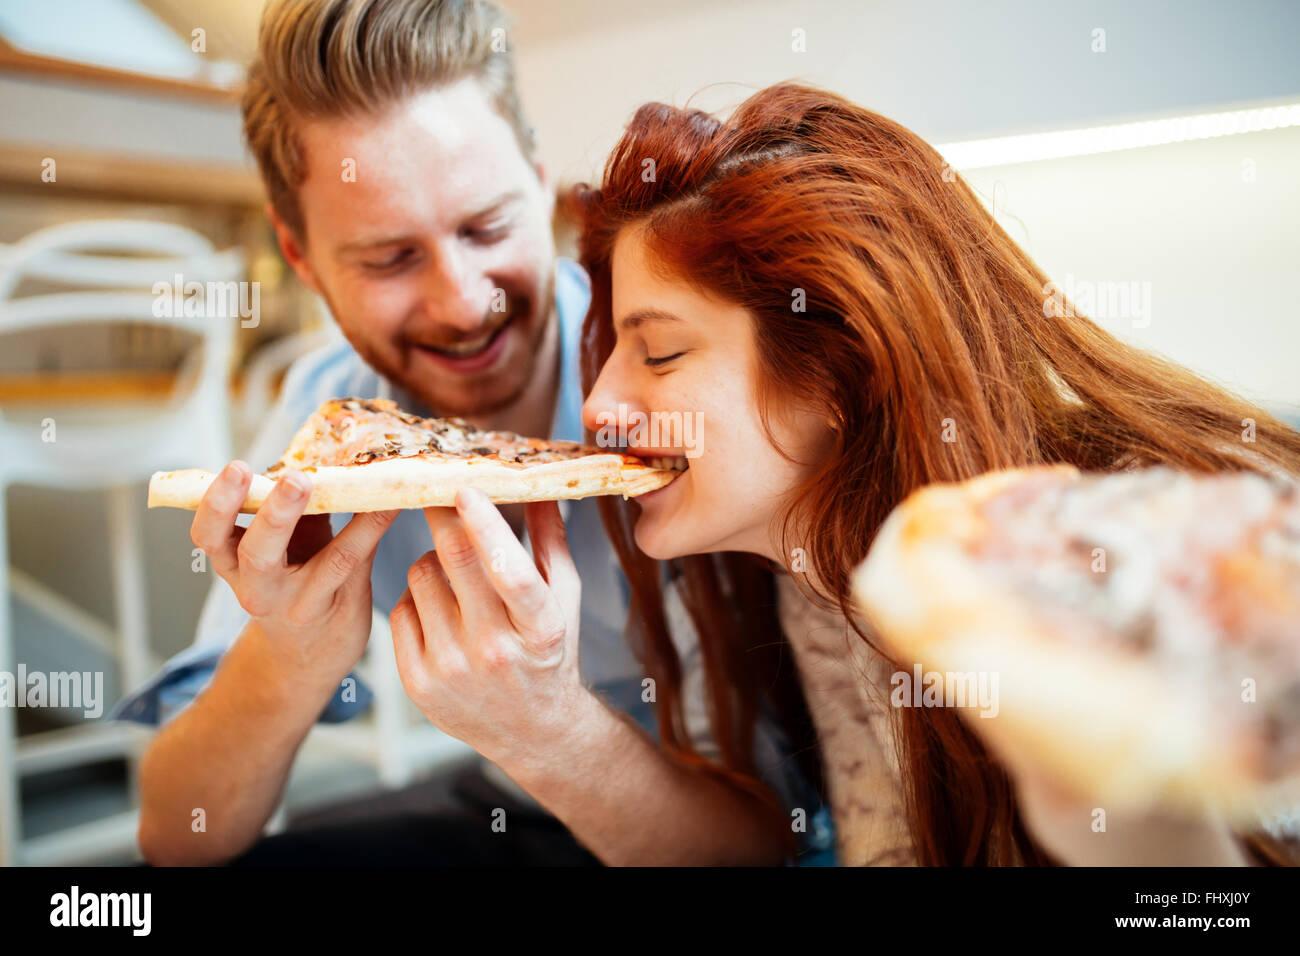 Le partage de deux ou trois pizzas et manger ensemble heureusement Photo Stock